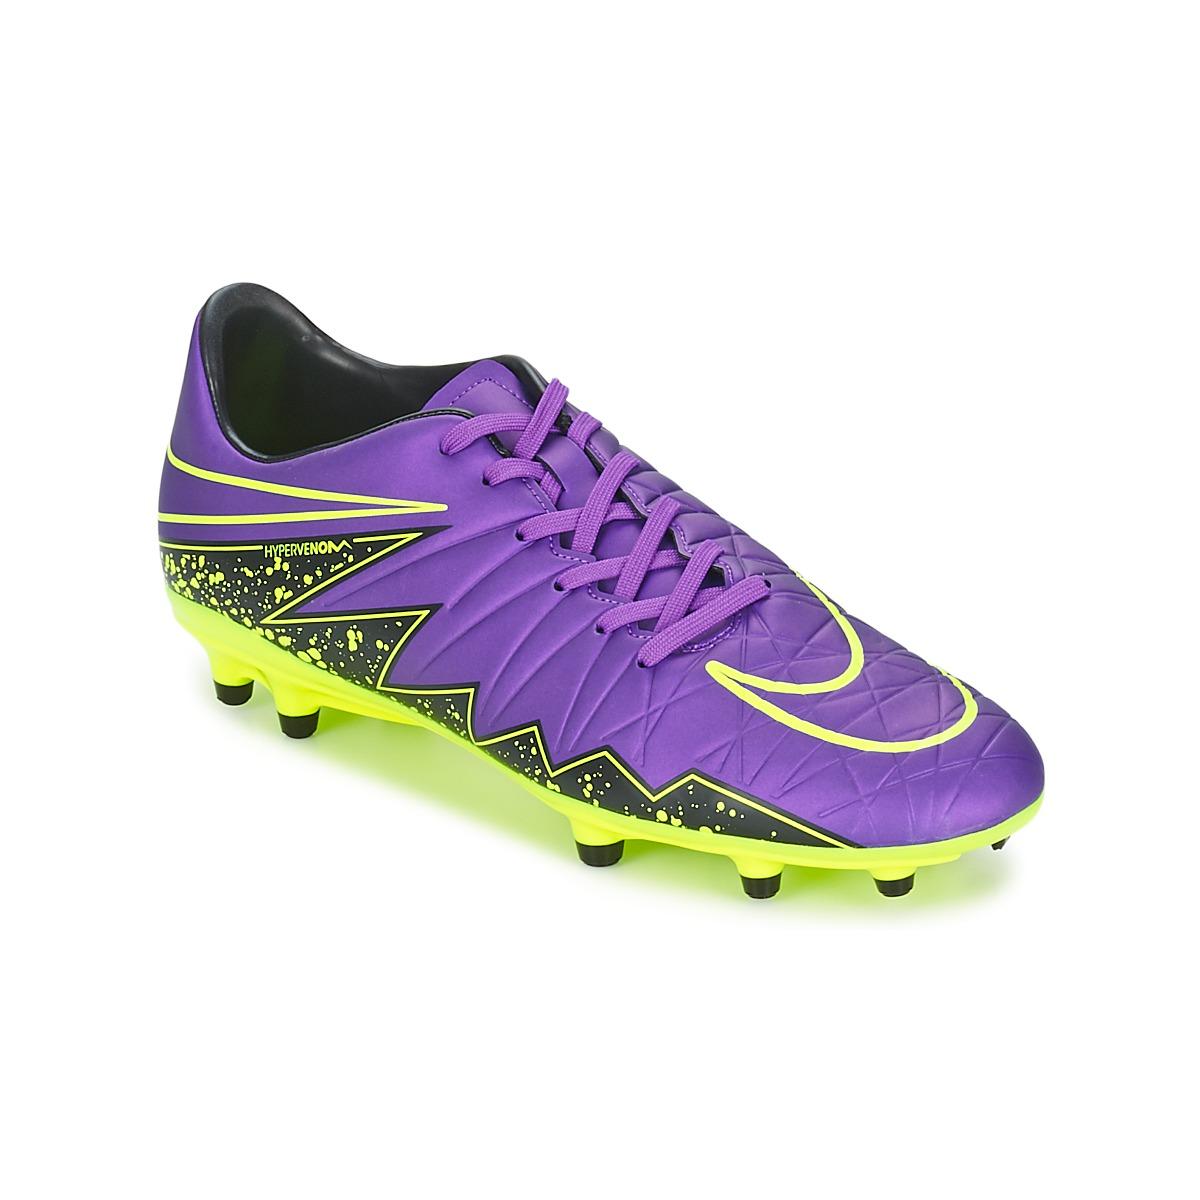 Nike HYPERVENOM PHELON II FG Violet